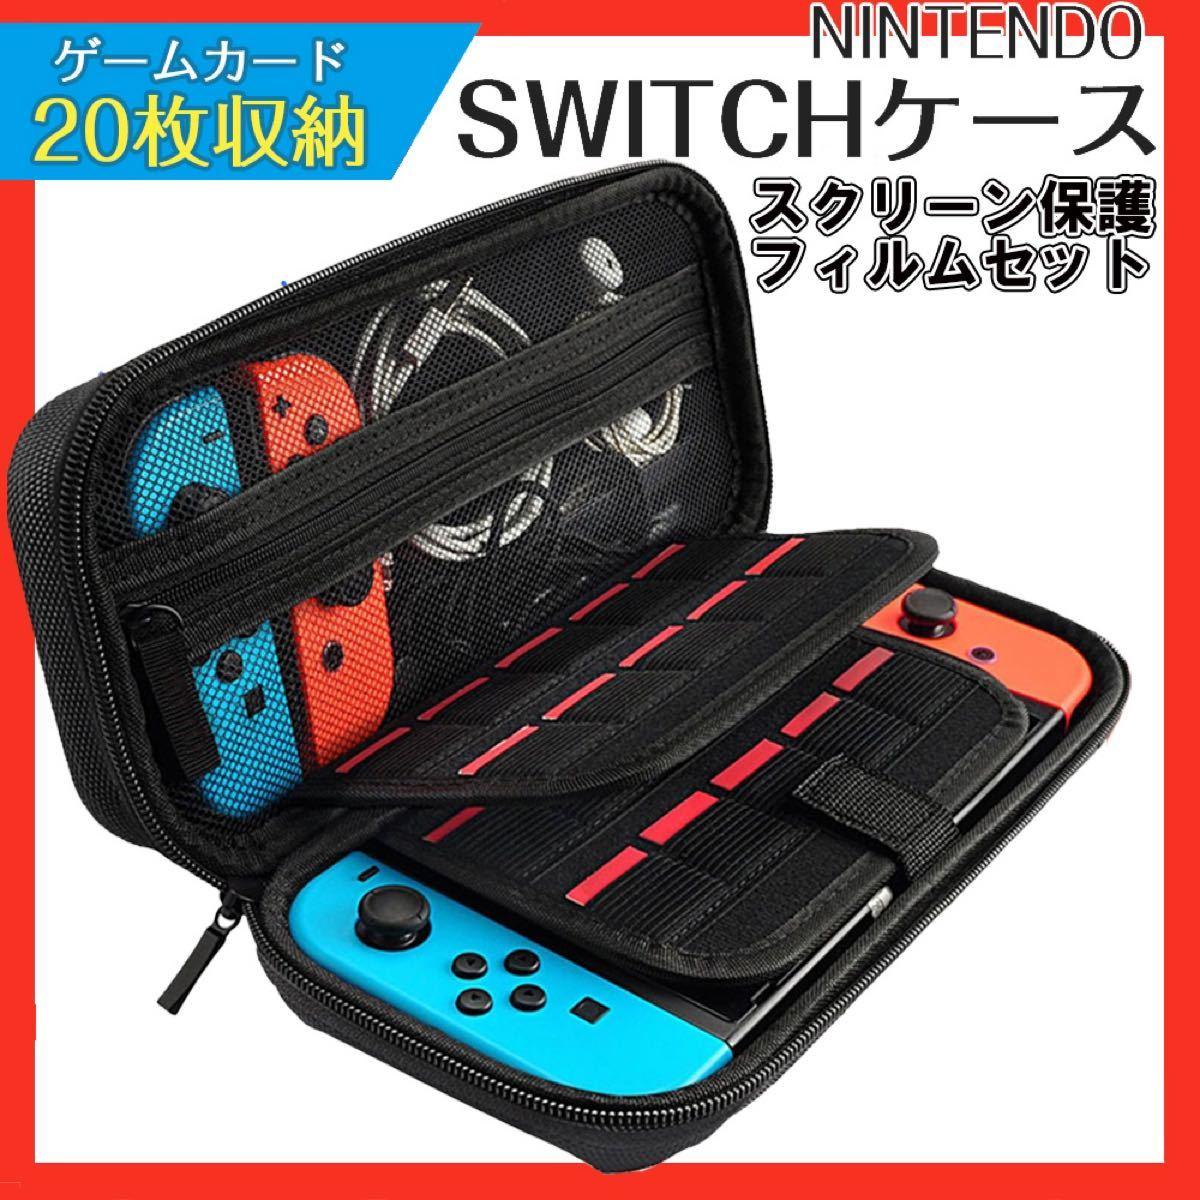 Nintendo Switch ケース ニンテンドー スイッチ 保護 収納